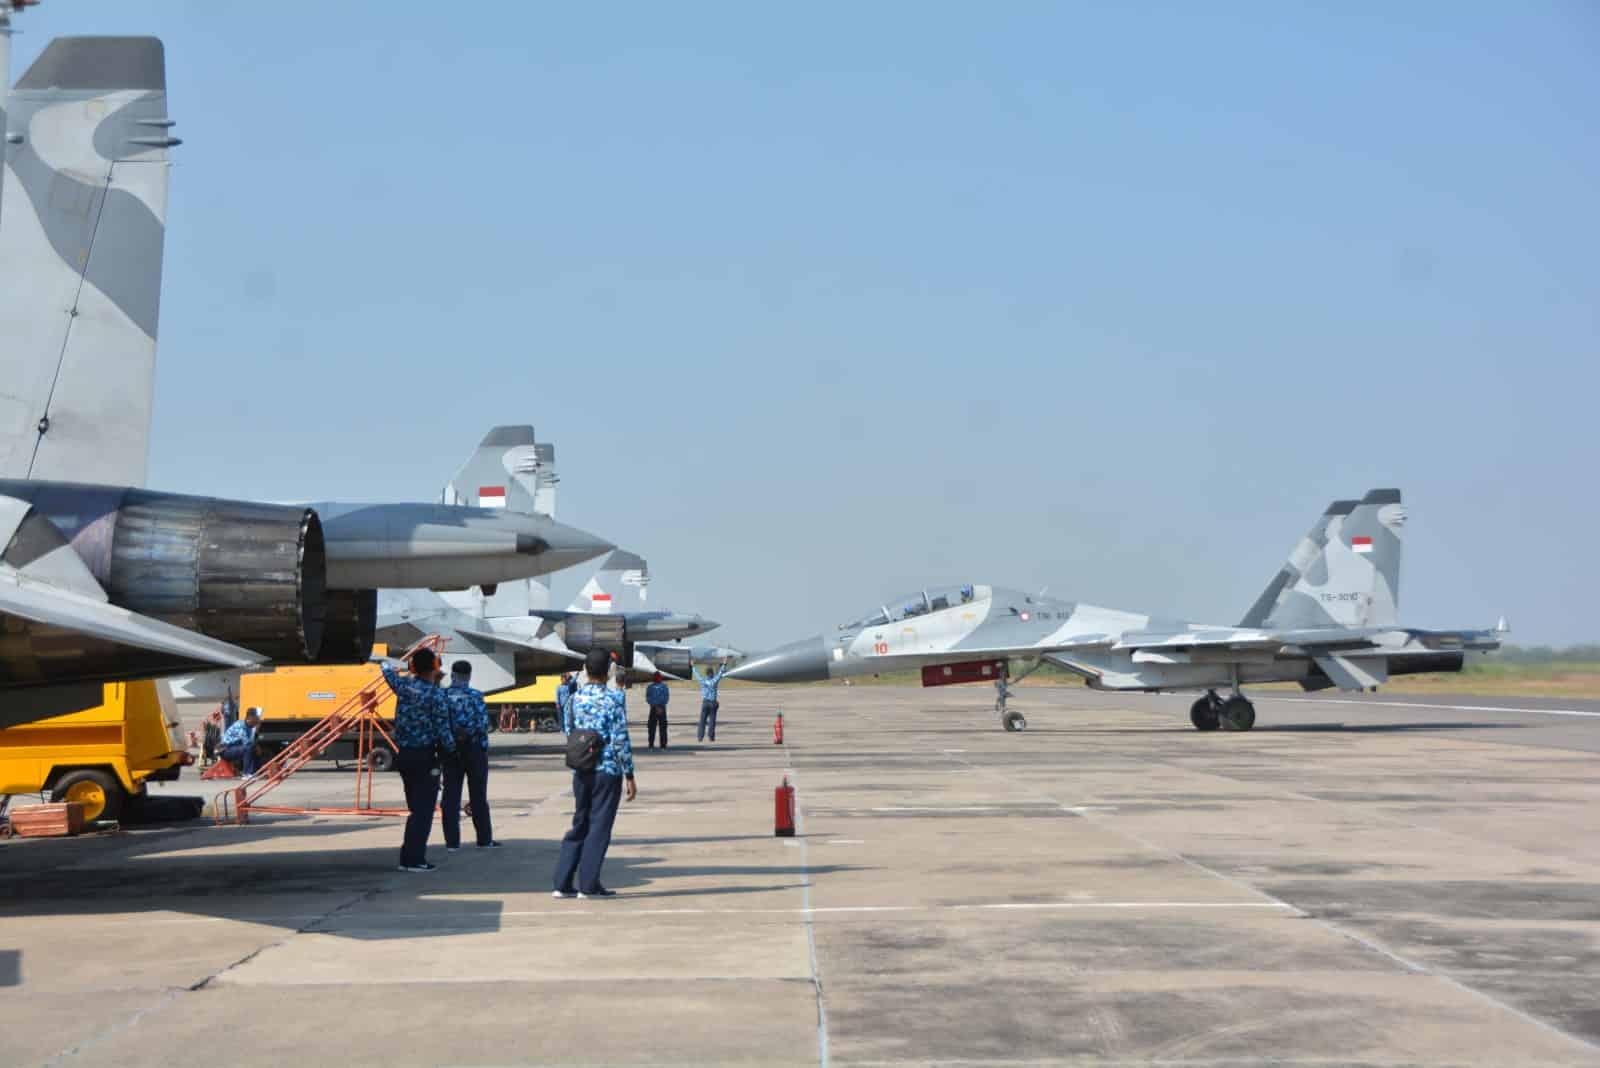 """51 Pesawat Tempur Di Libatkan Dalam Latihan """"mission Oriented Training"""" (mot)"""